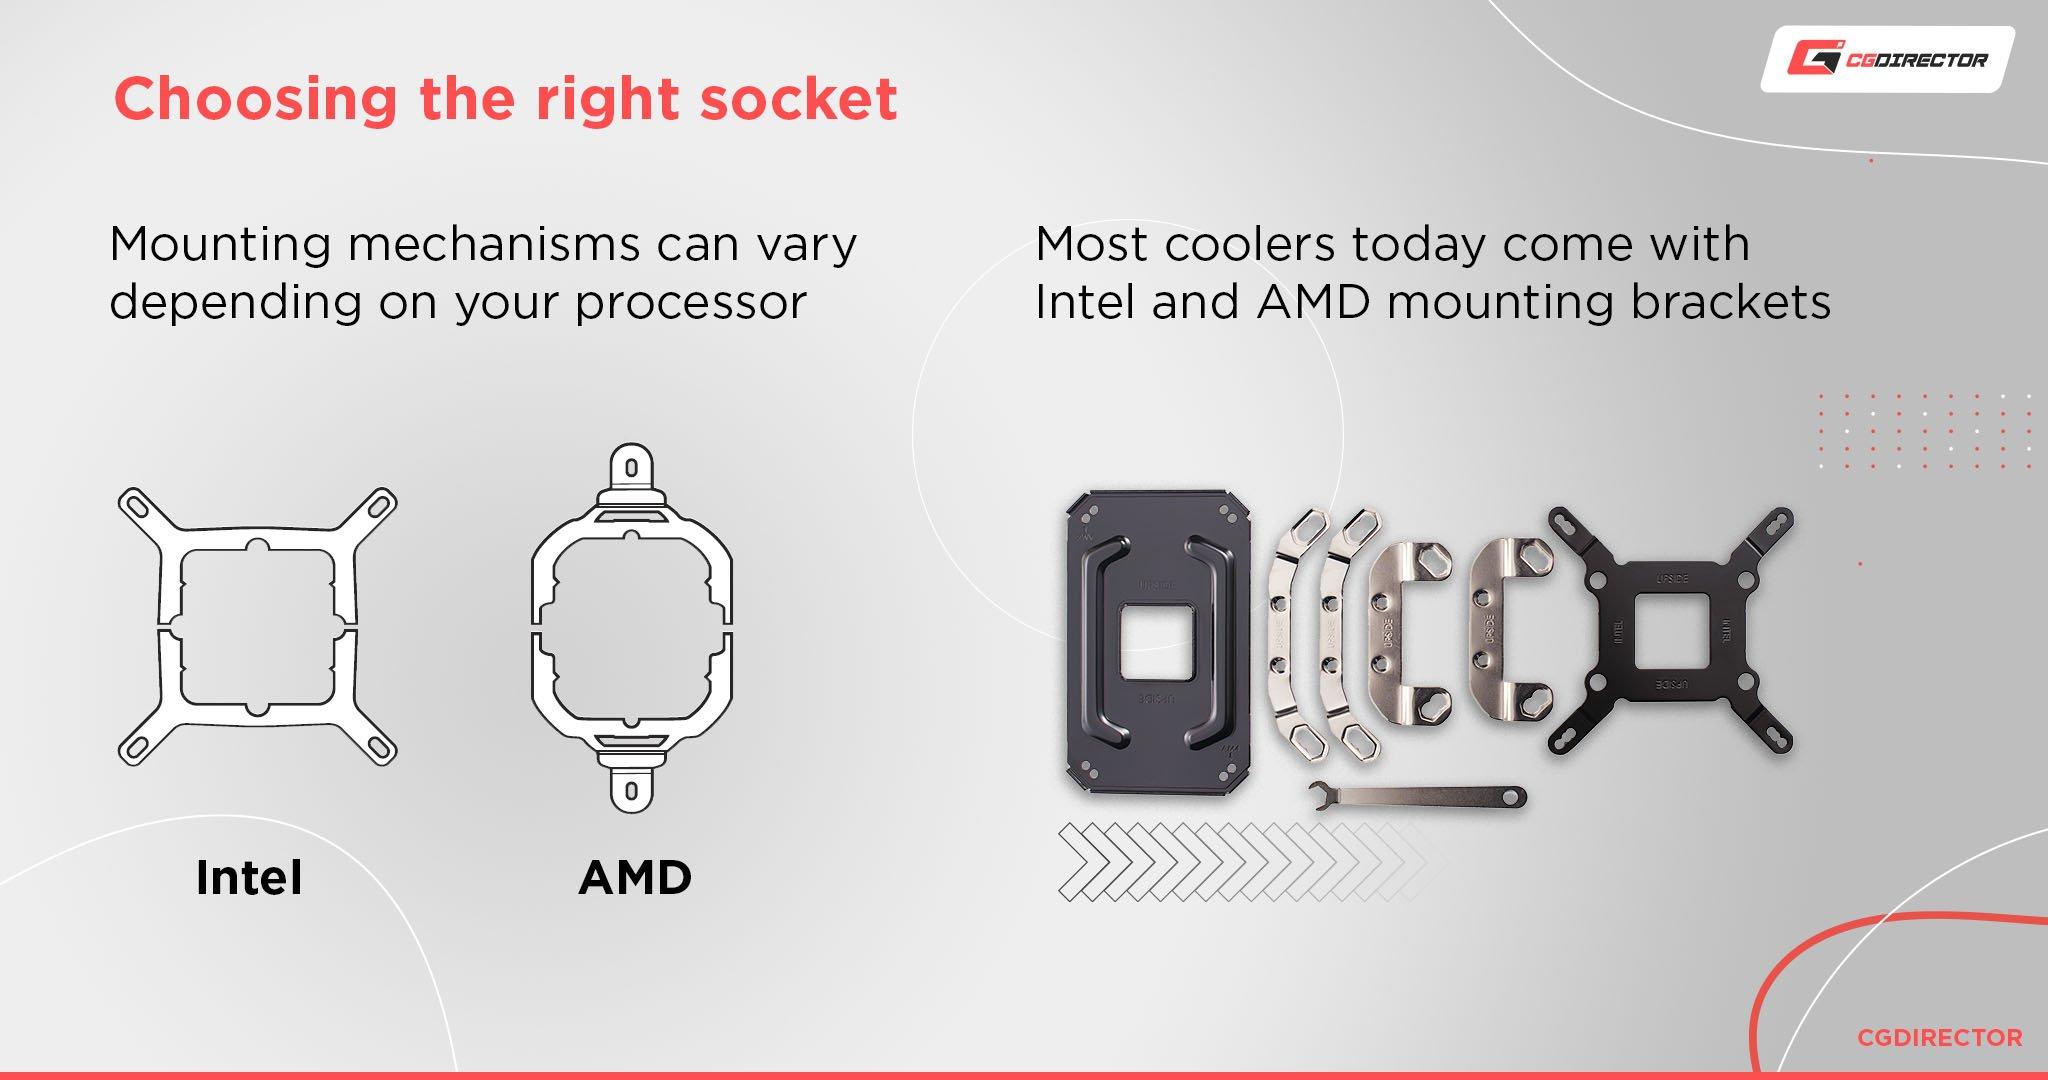 Choosing the right socket